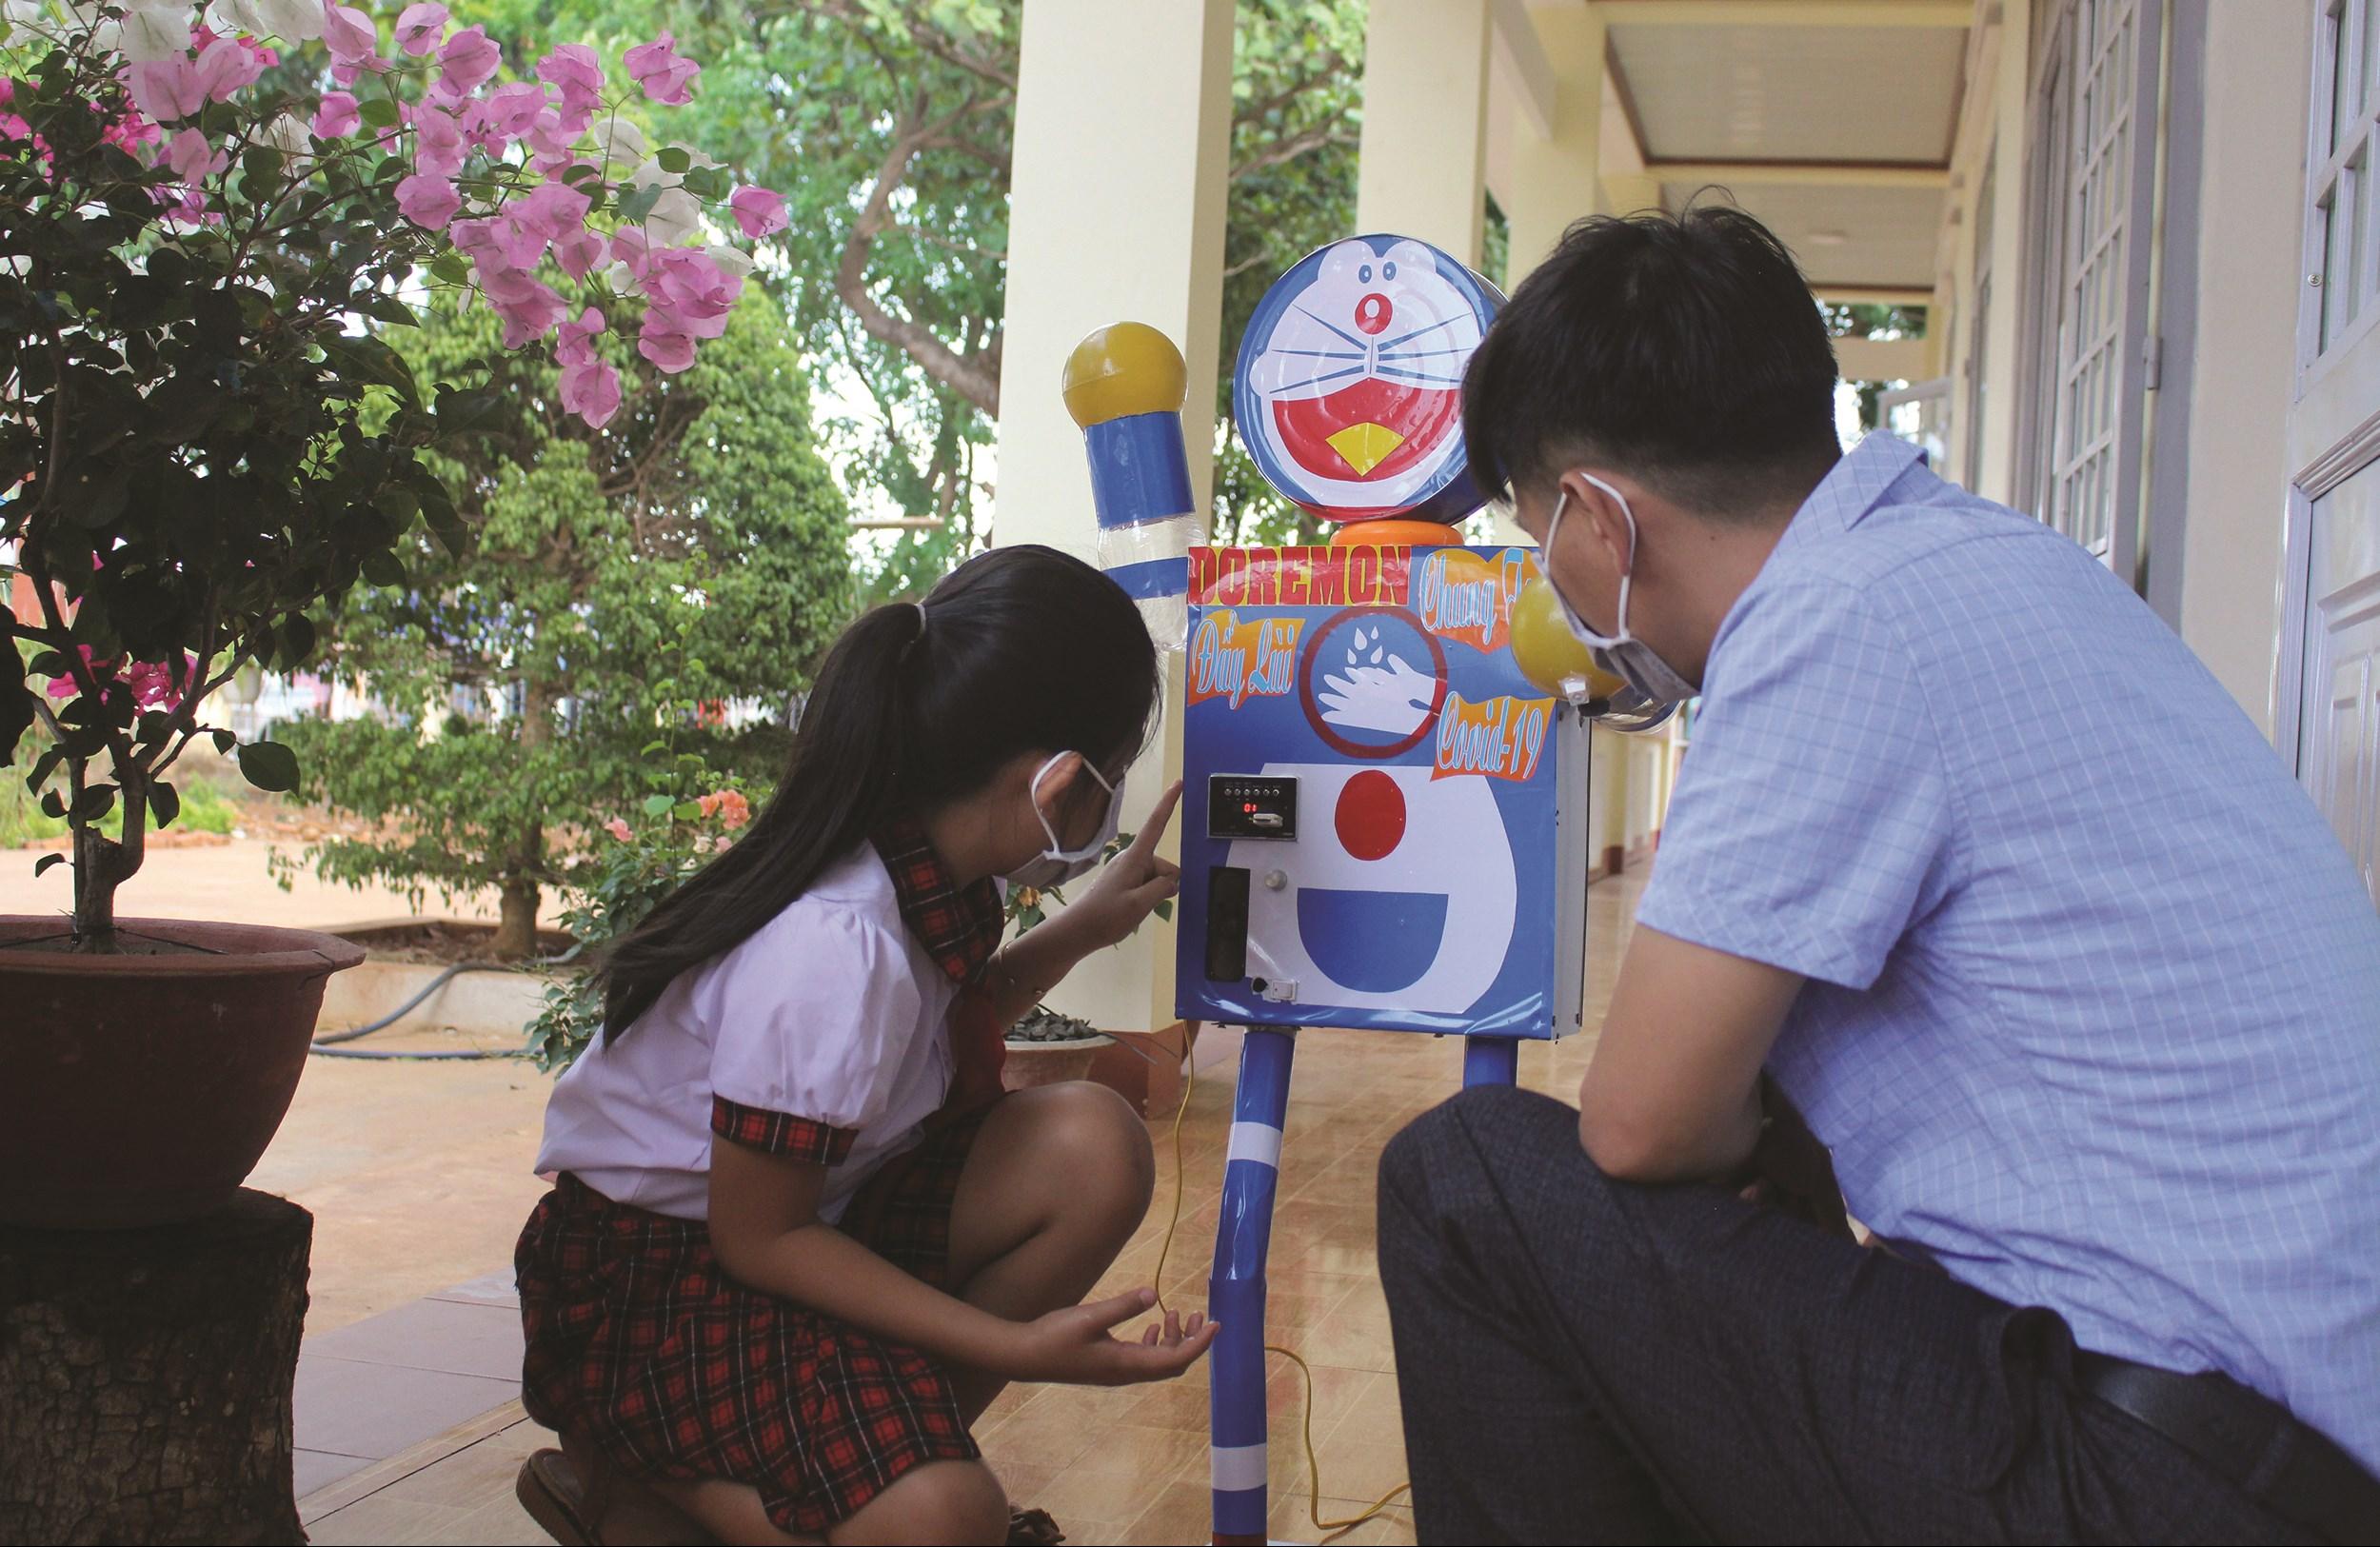 Bé An giới thiệu máy rửa tay Doraemon của mình